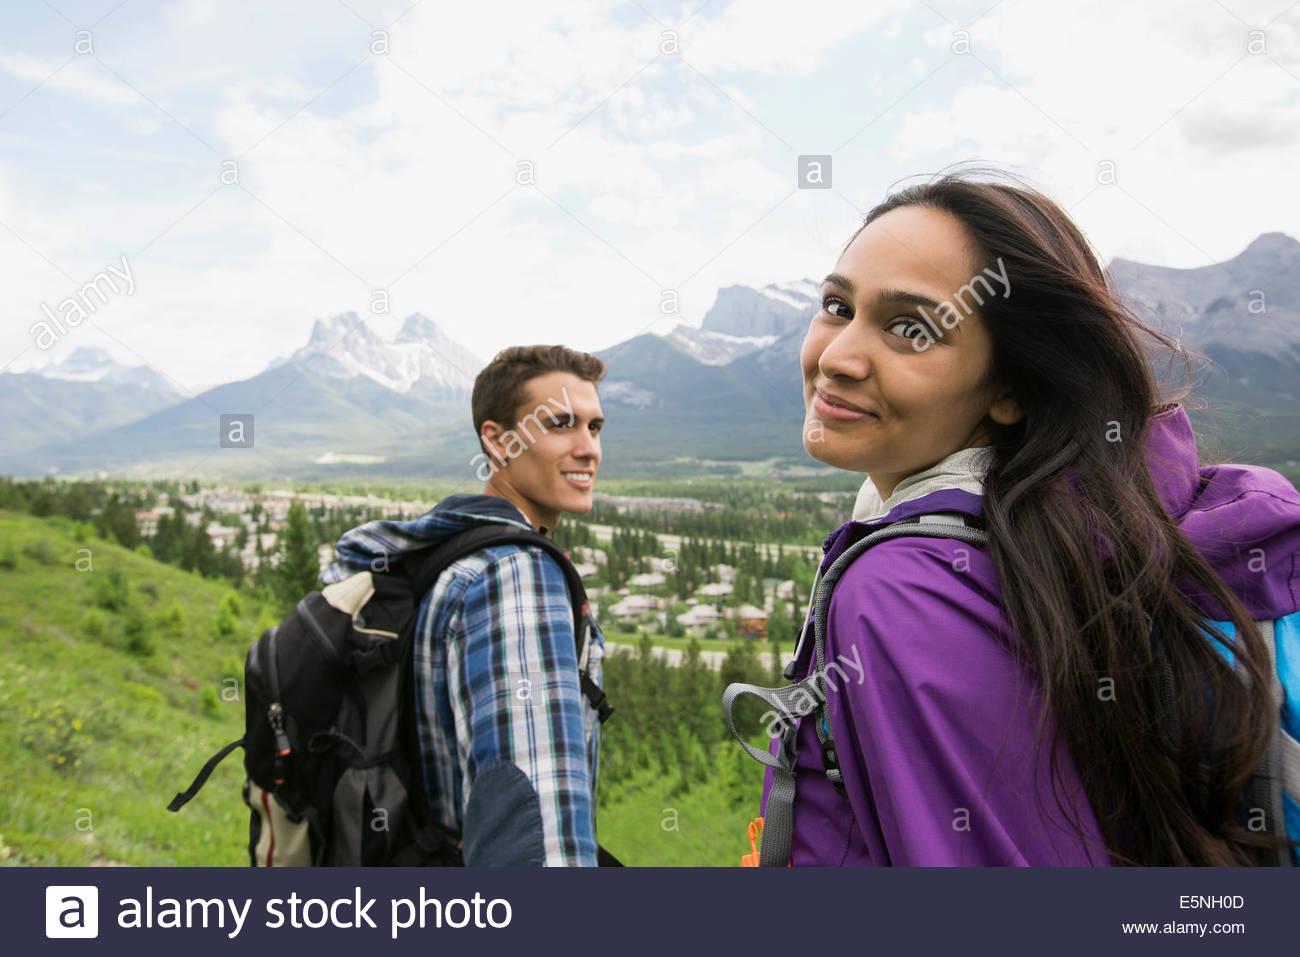 Paar mit Rucksack wandern in der Nähe von Bergen Stockbild